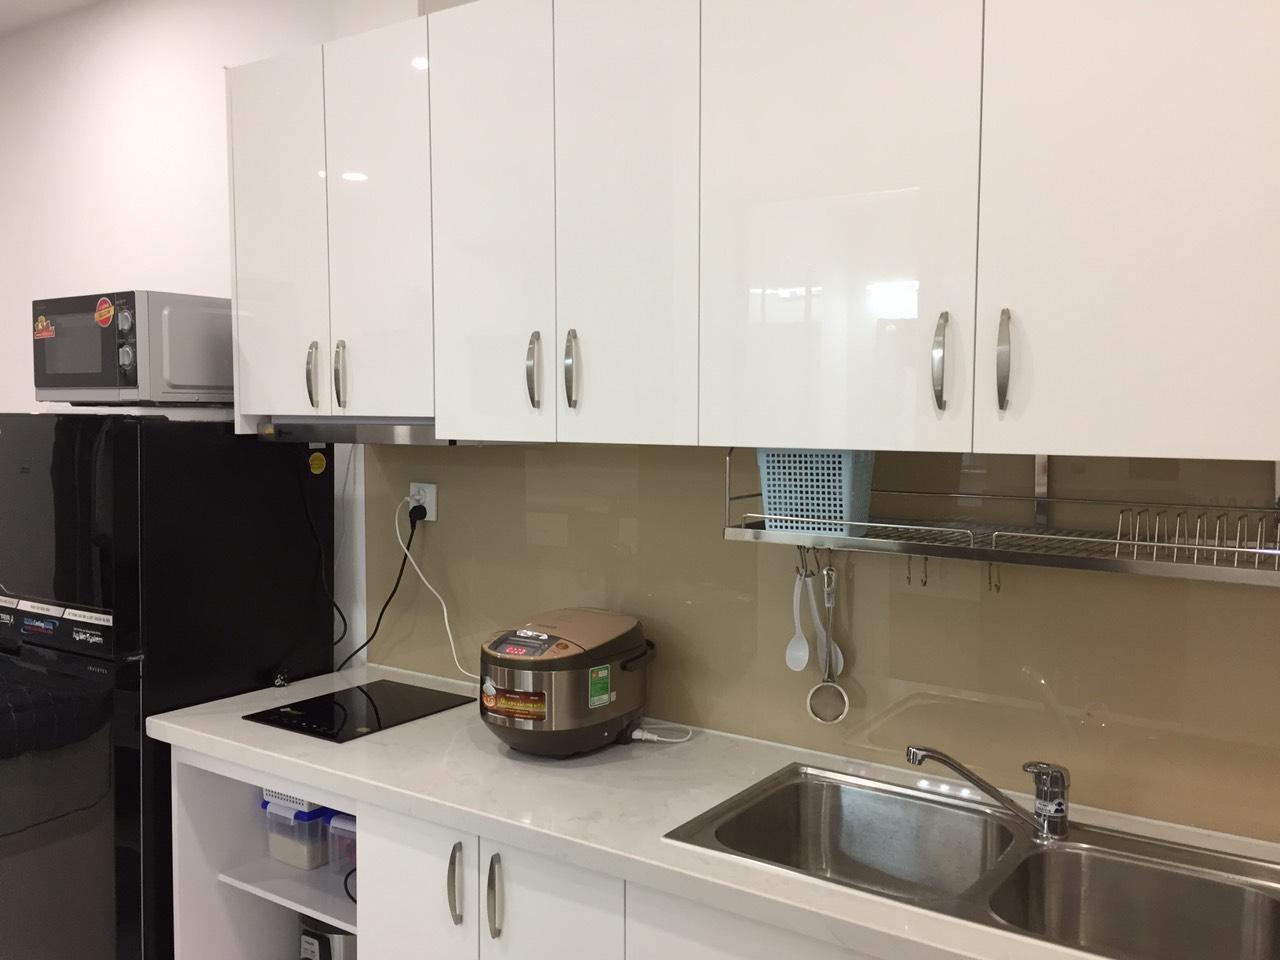 cho thuê căn hộ saigon mia phòng bếp